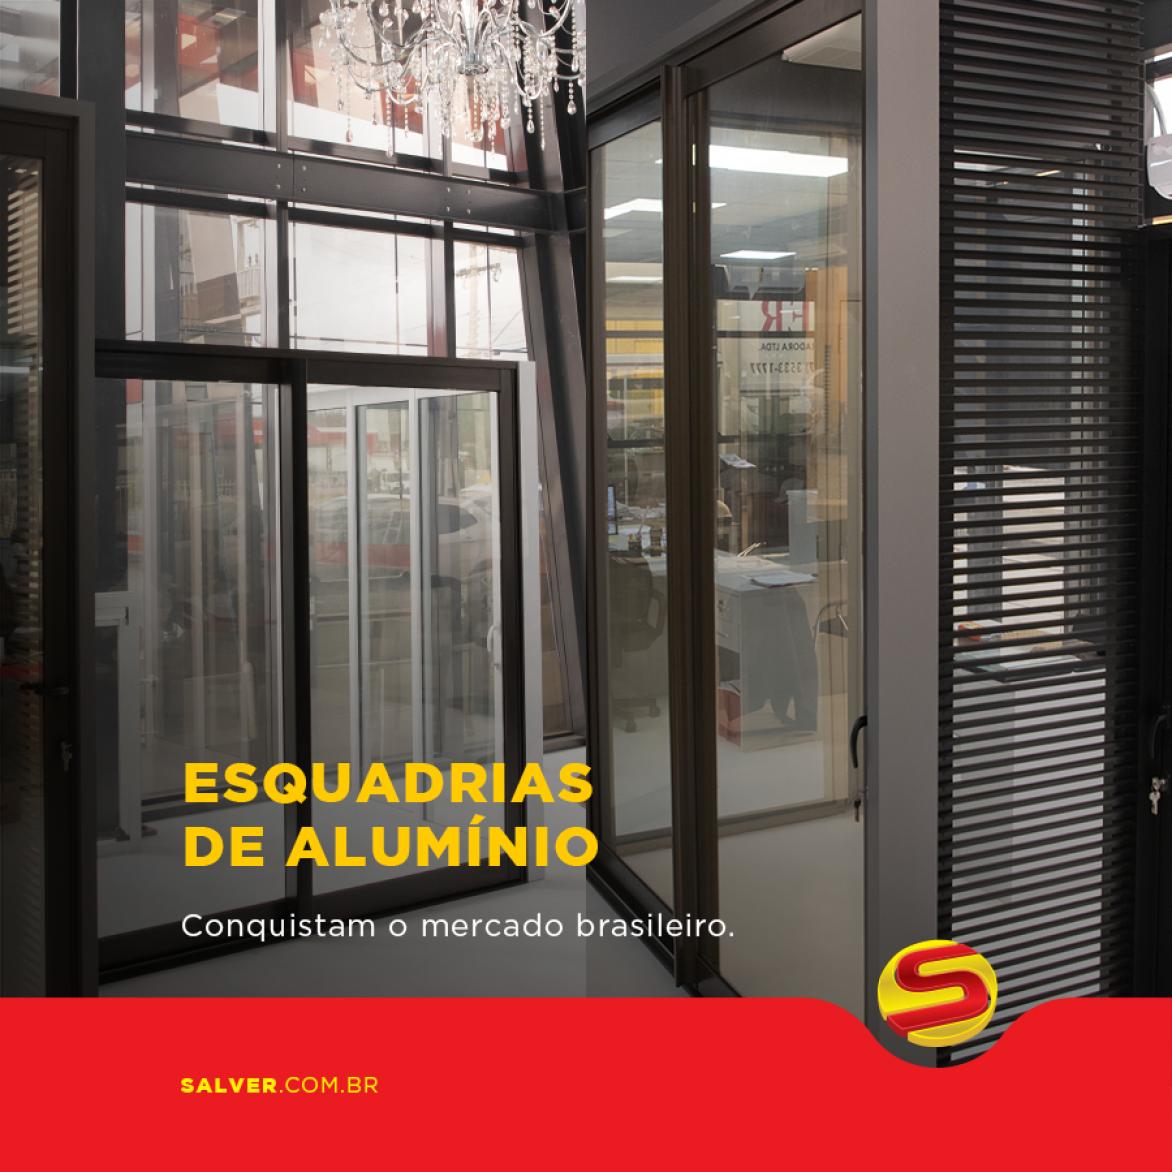 Esquadrias de alumínio conquistam o mercado brasileiro